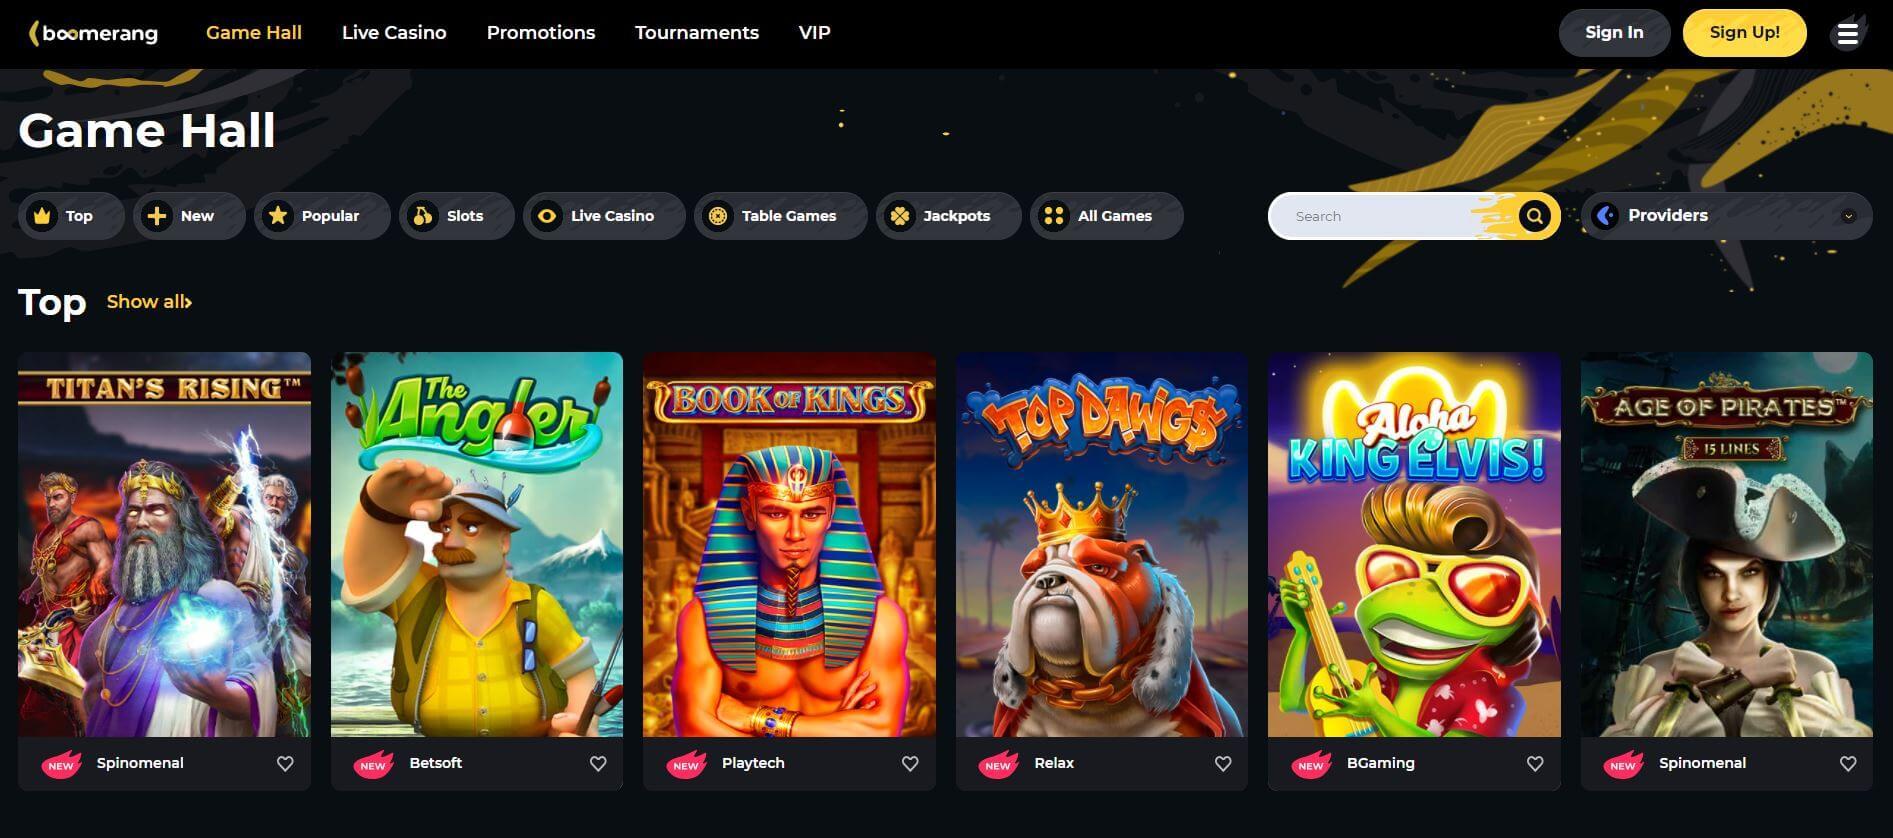 Boomerang Casino Gamehall